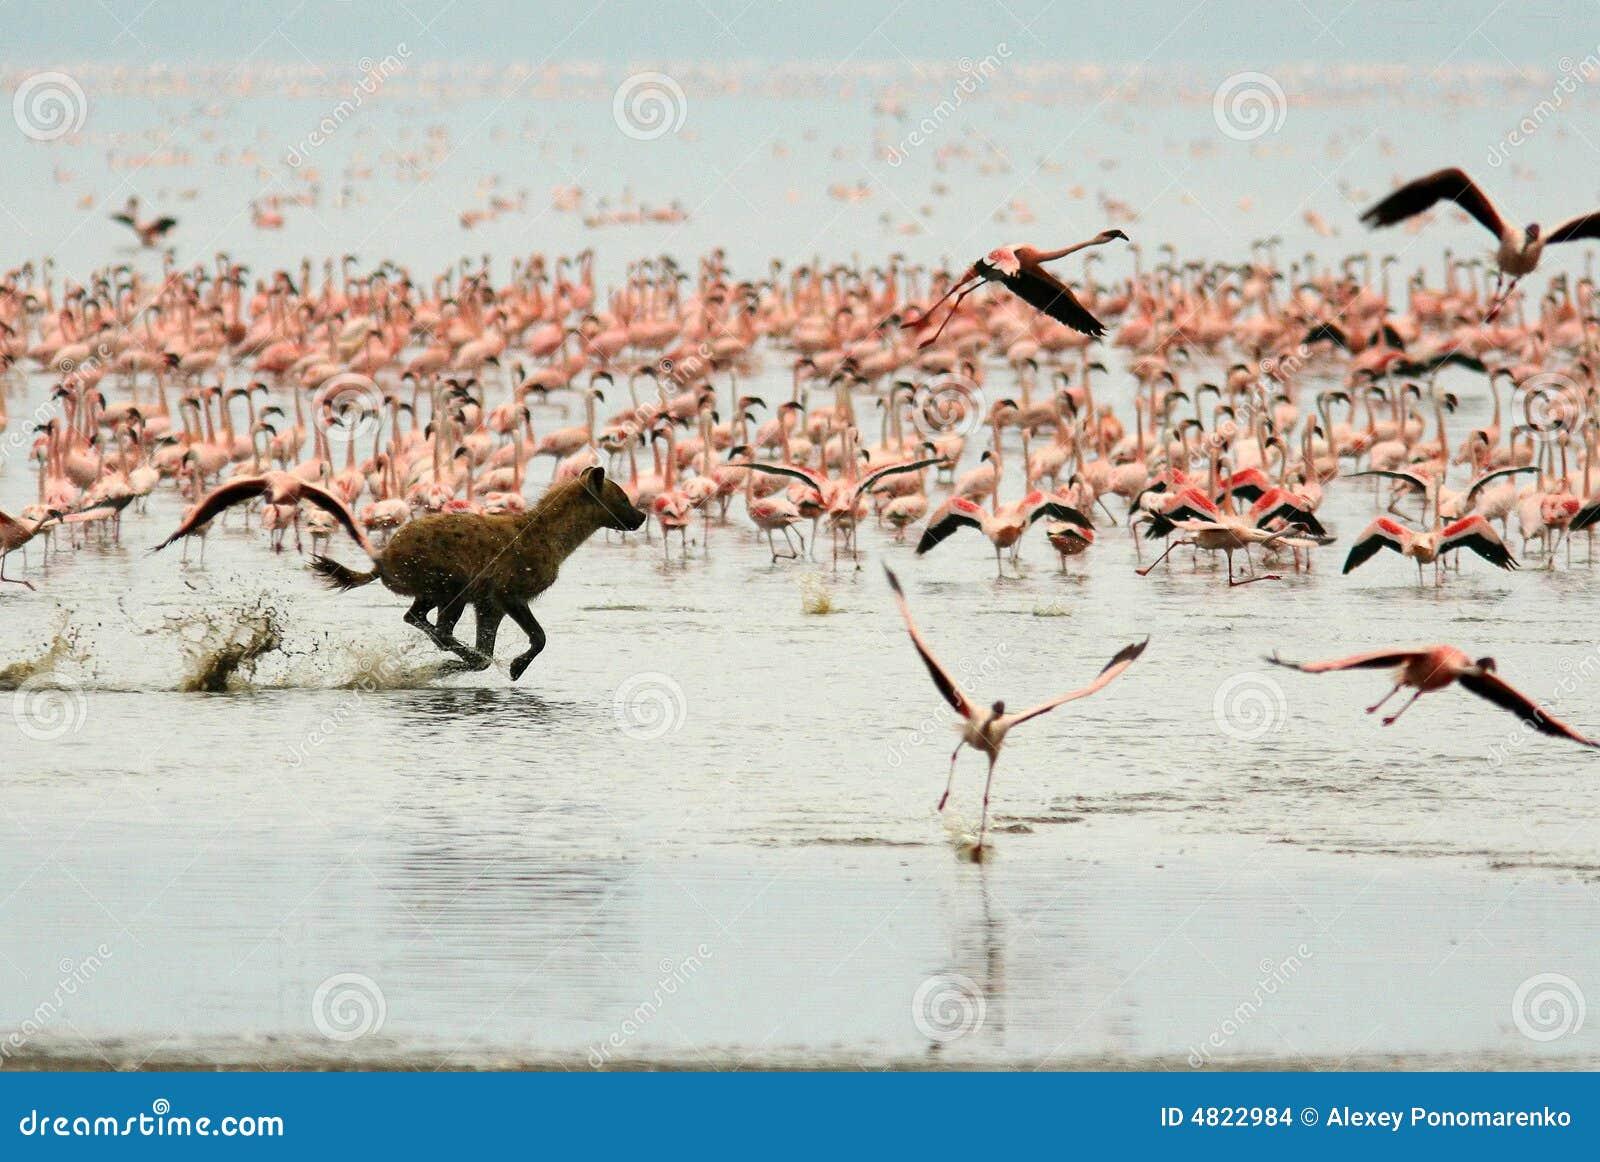 Namierz flamingi hieny